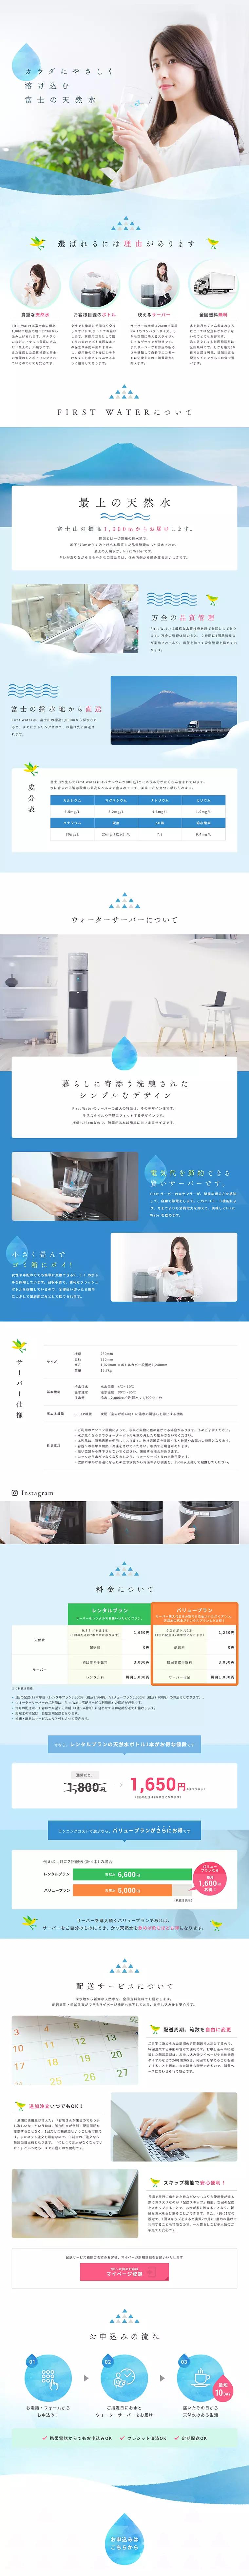 ブルー 青色 系を利用してデザインされた 清潔系 のlpデザイン ファーストビューのキャッチコピーは カラダにやさしく溶け込む富士の天然水 Lp デザイン 飲料 ランディングページ